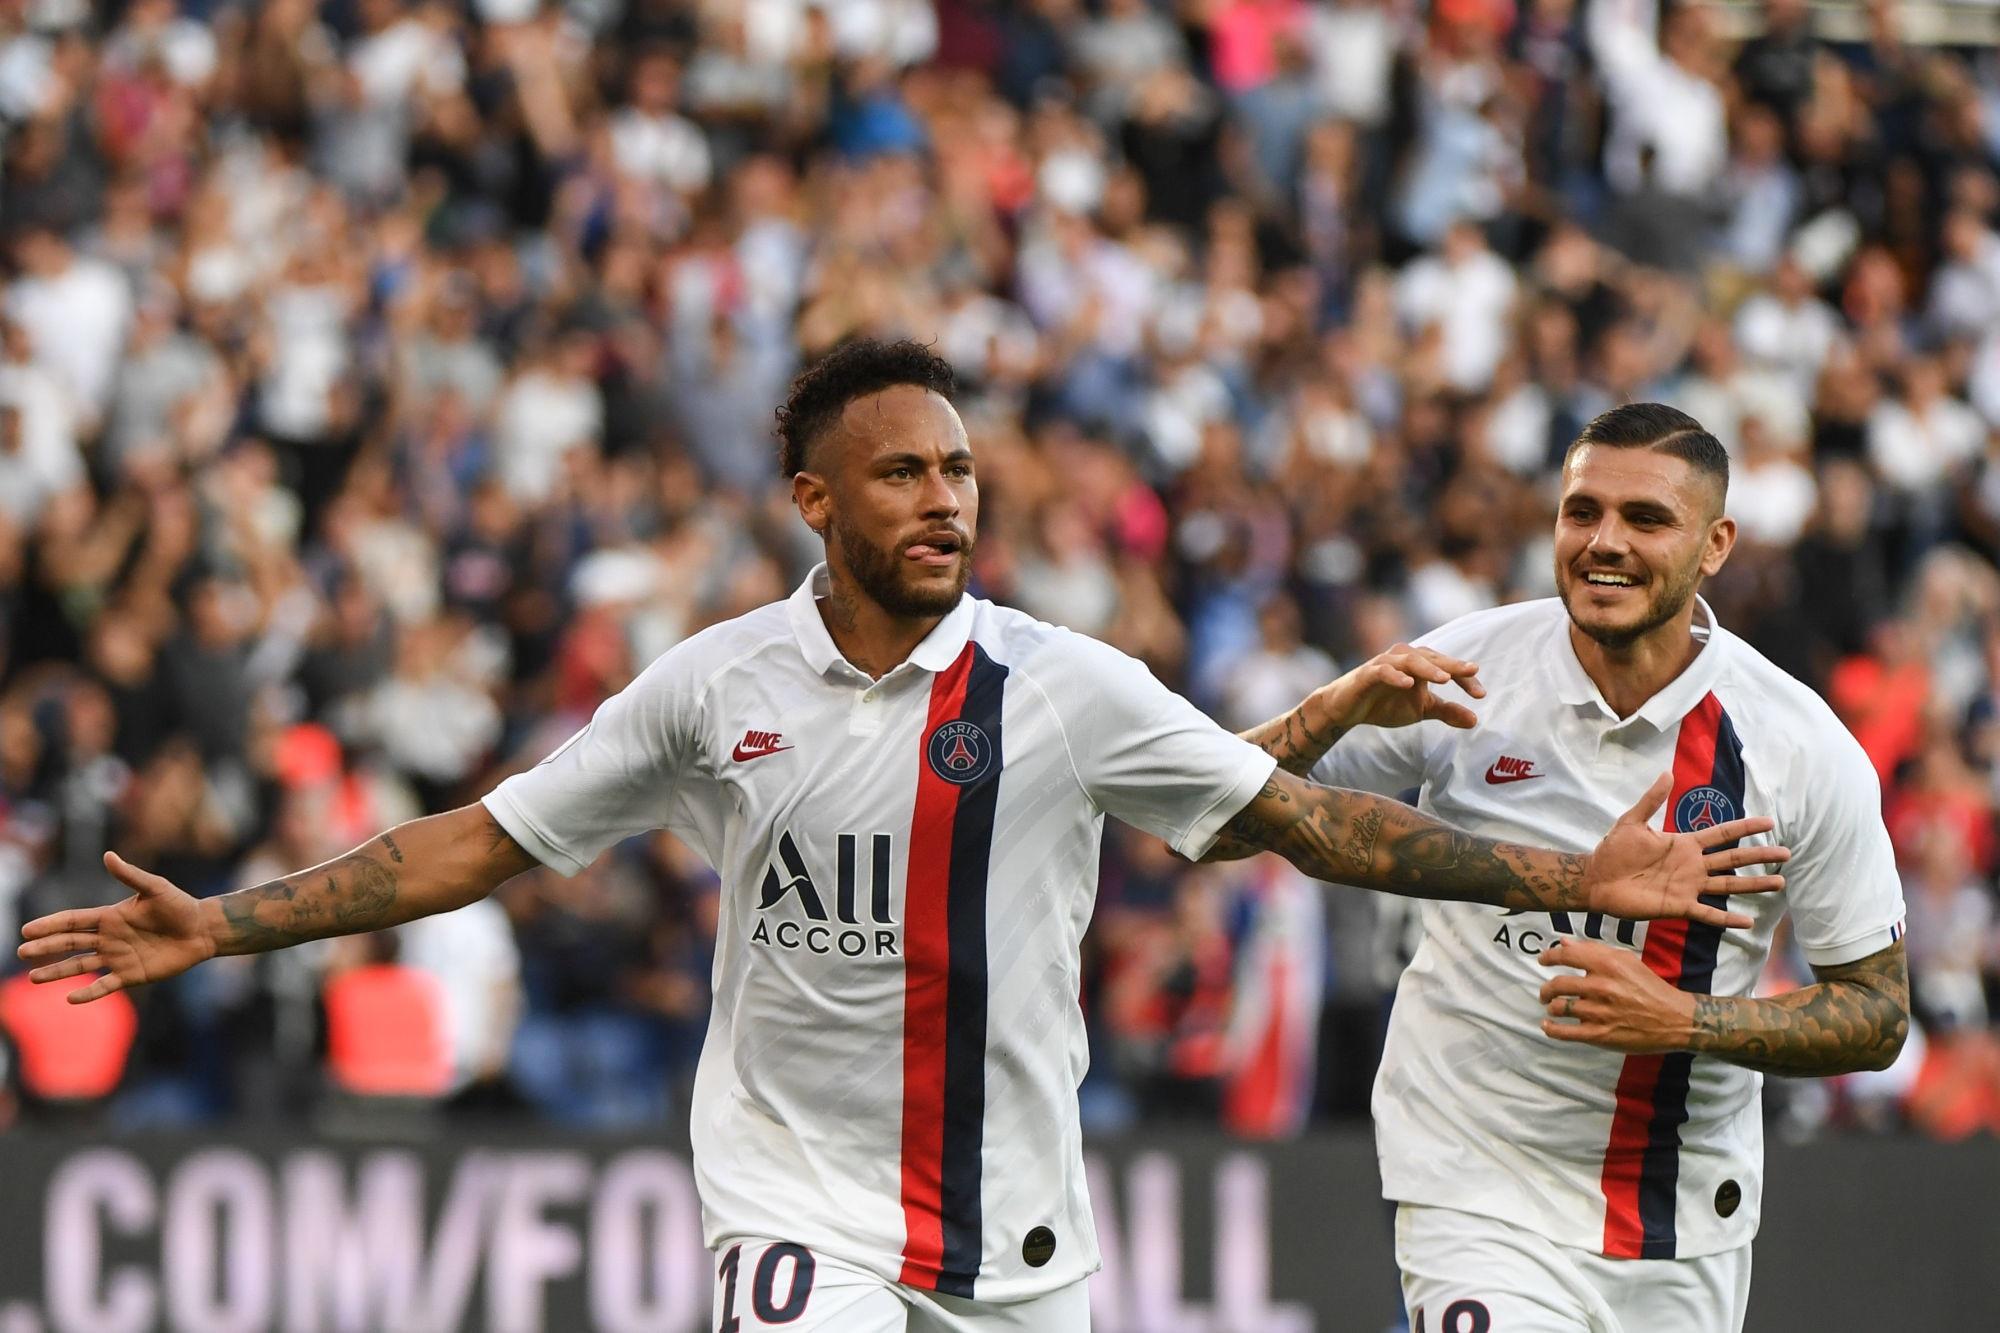 Le plus beau but du PSG cette saison, 2e manche : le retourné de Neymar s'impose